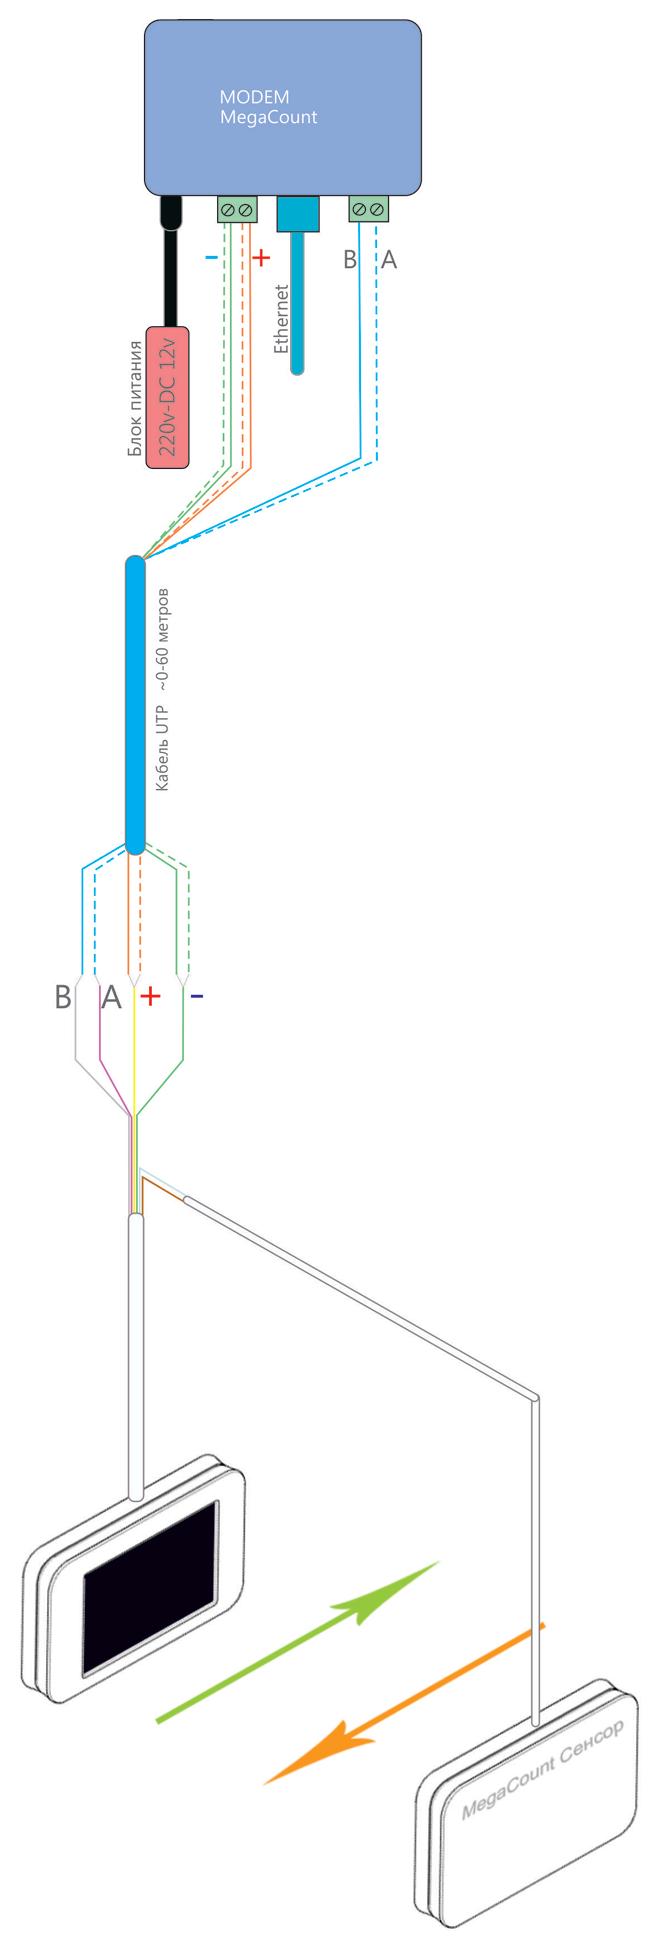 Монтажная схема подключения к Ethernet модему через кабель UTP